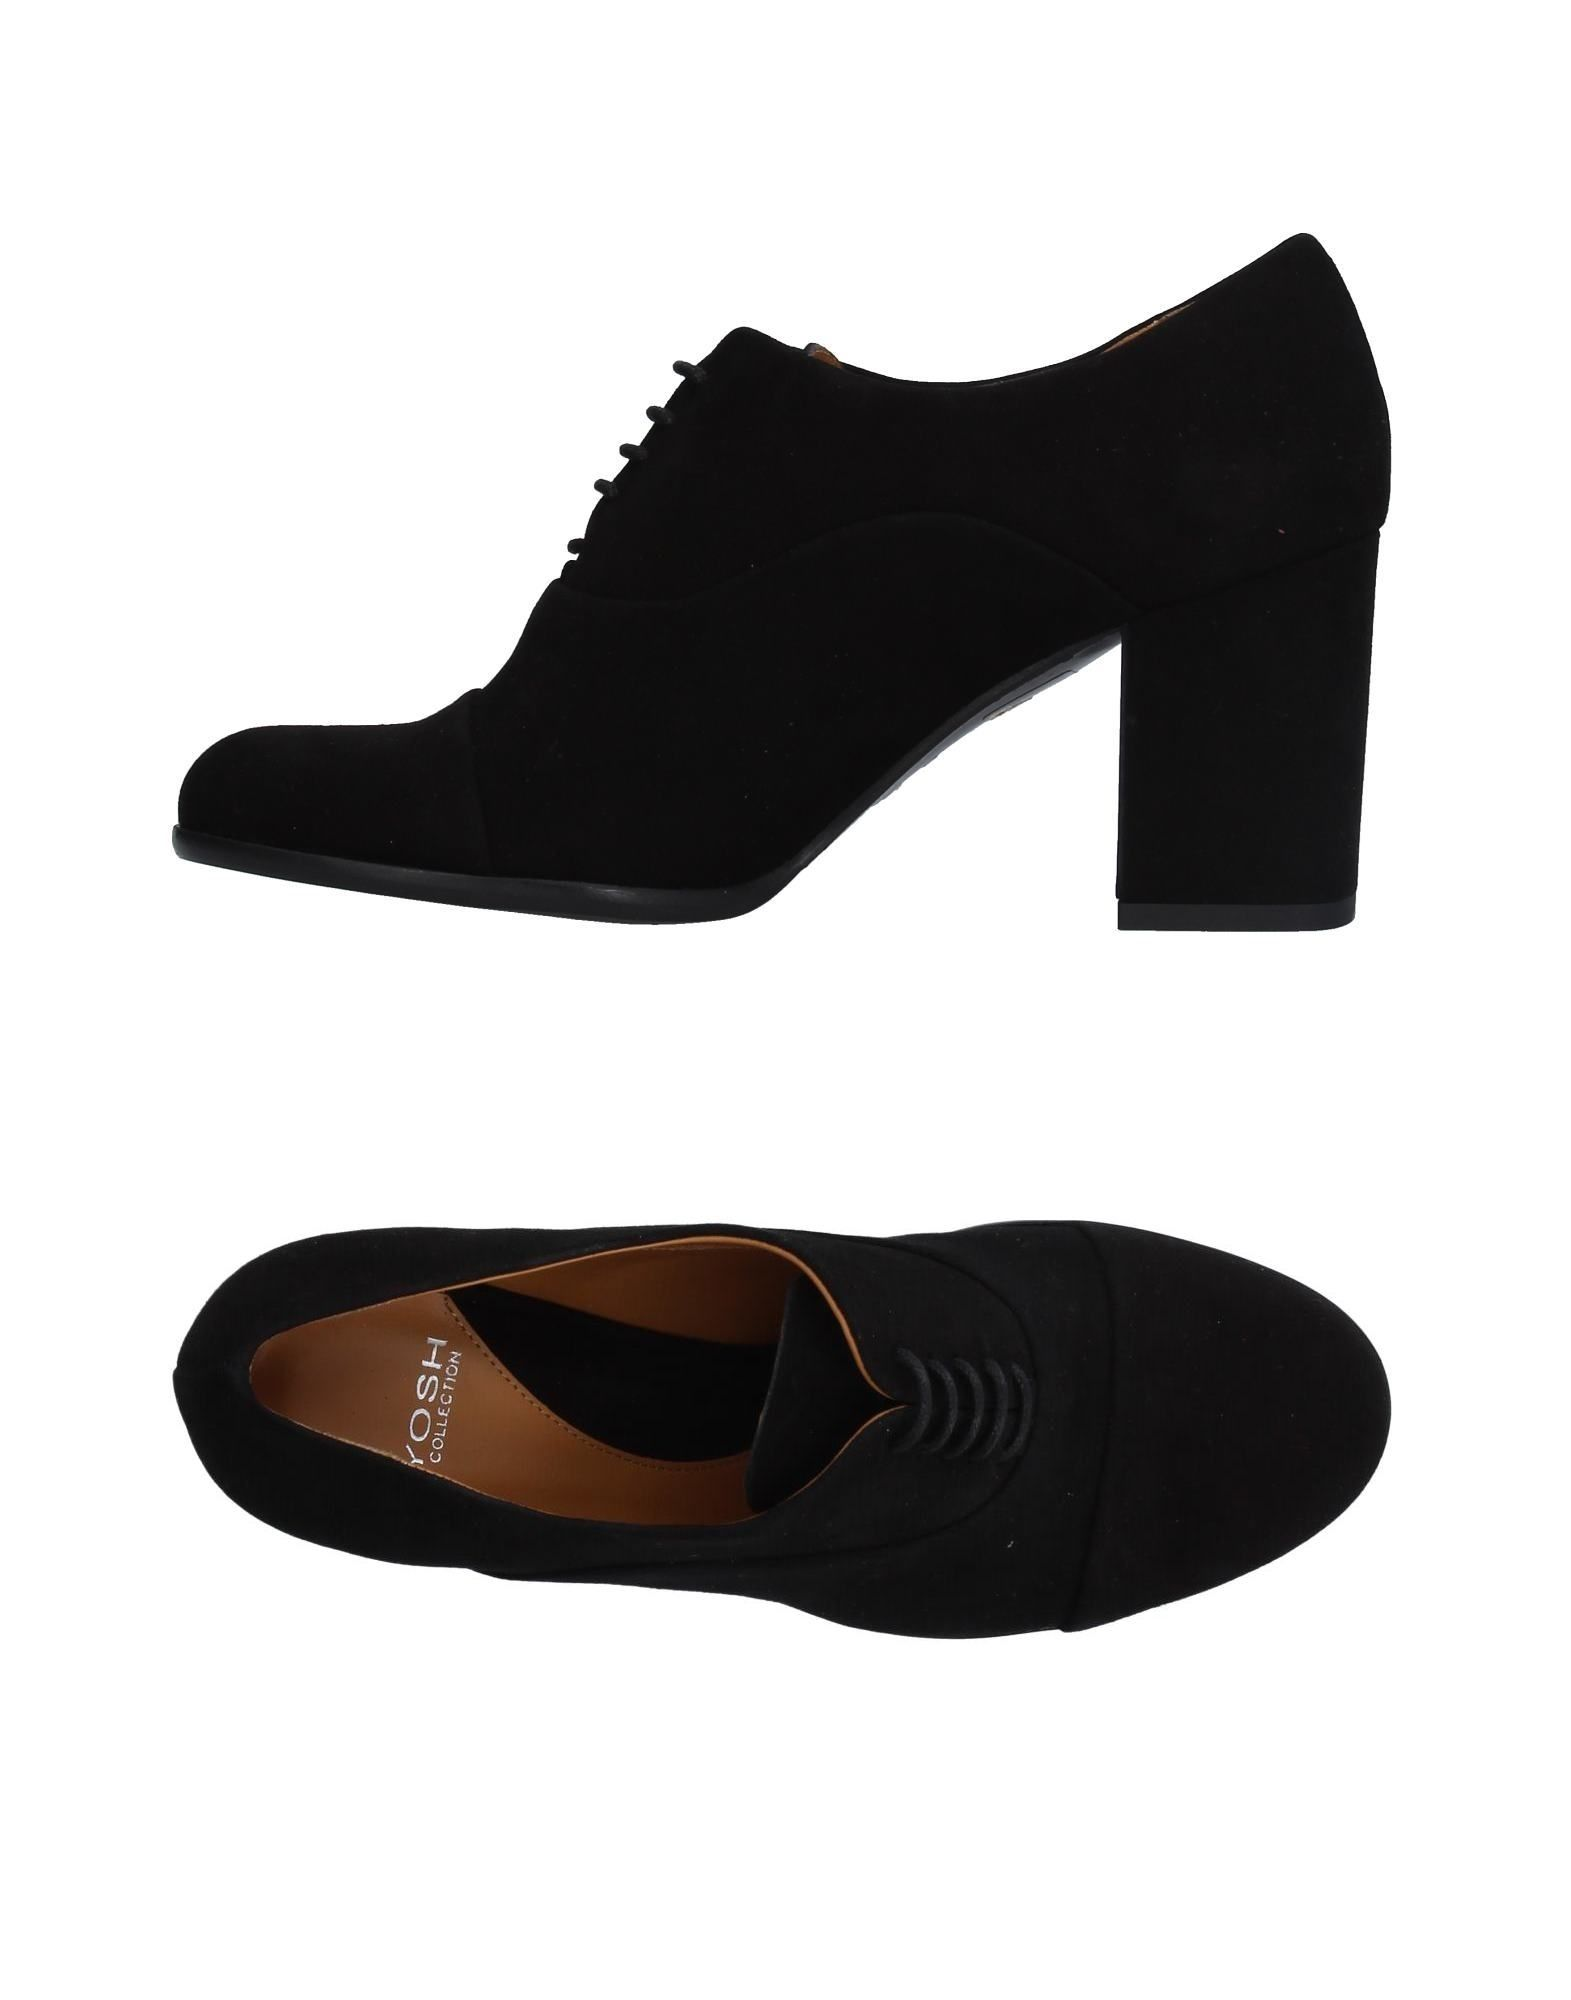 цены на YOSH COLLECTION Обувь на шнурках в интернет-магазинах